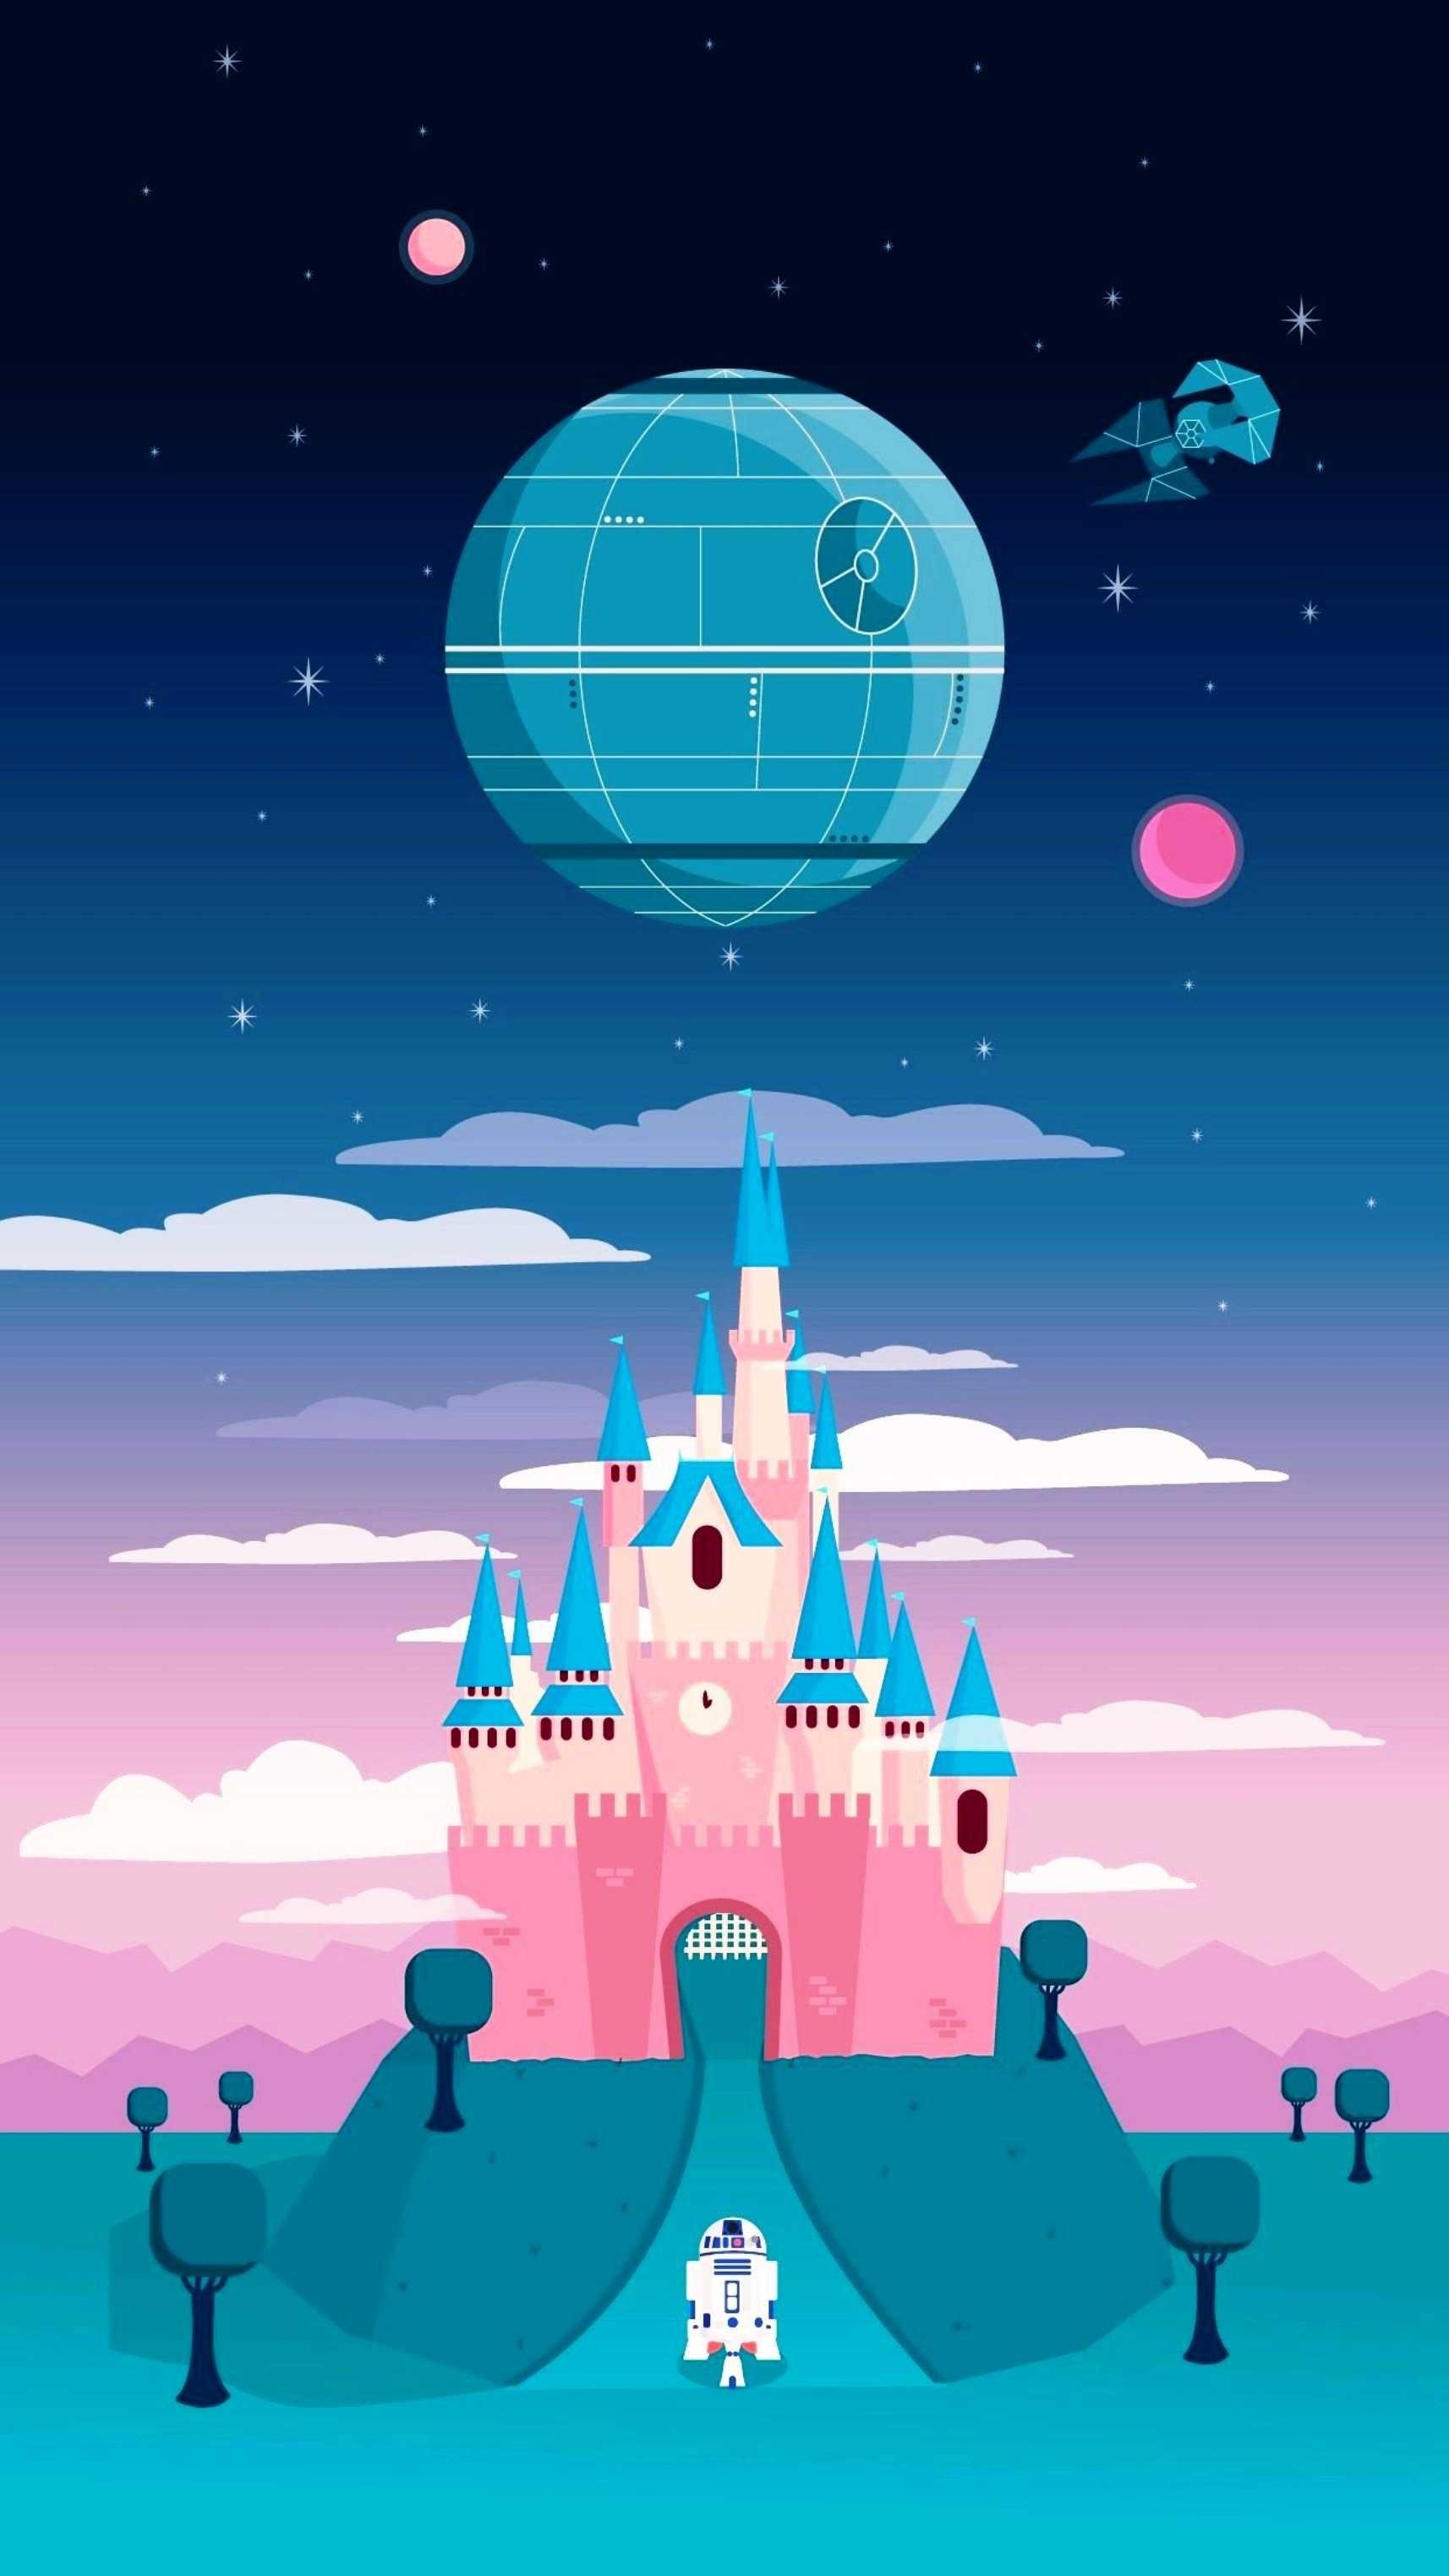 Star Wars Wallpaper Phone Posted By Samantha Mercado